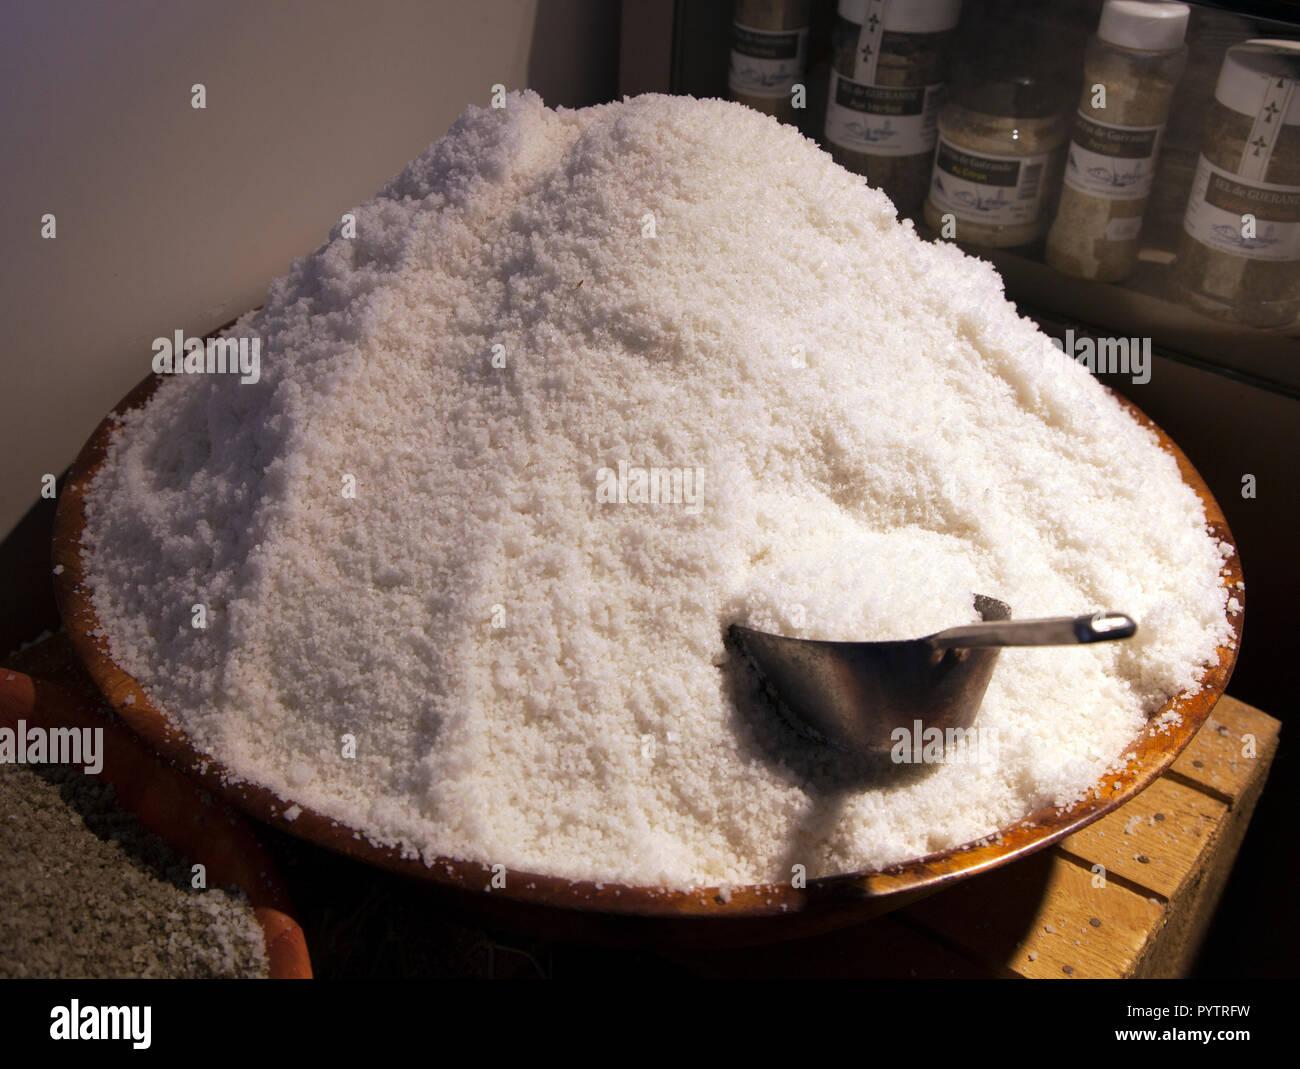 Sel de mer naturel en vente dans l'Atelier du sel, Honfleur, Normandie Photo Stock